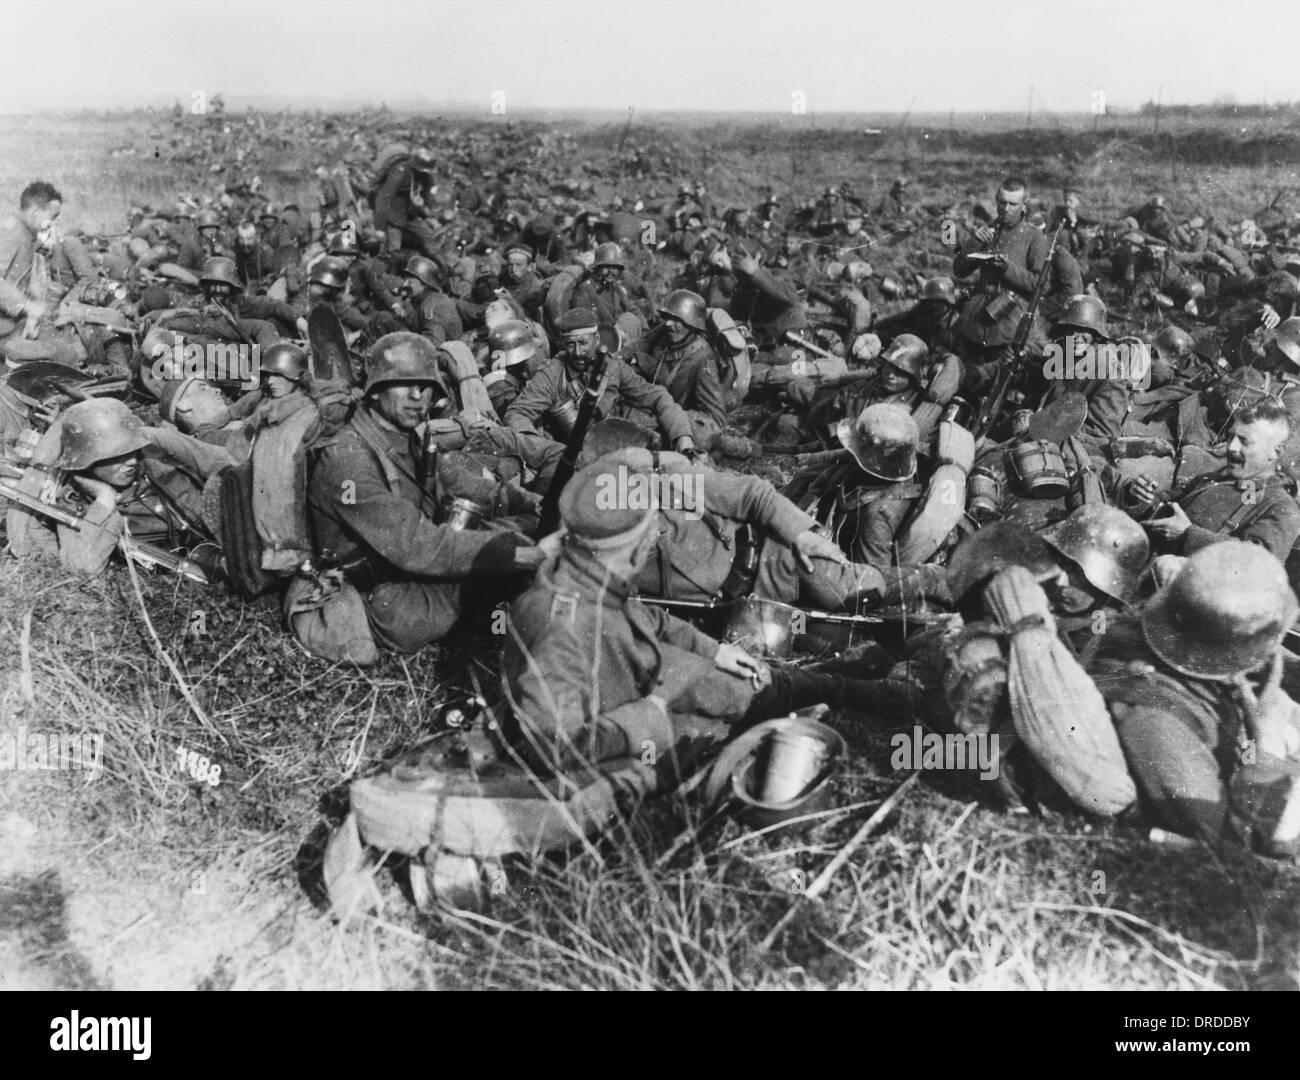 German troops WWI - Stock Image